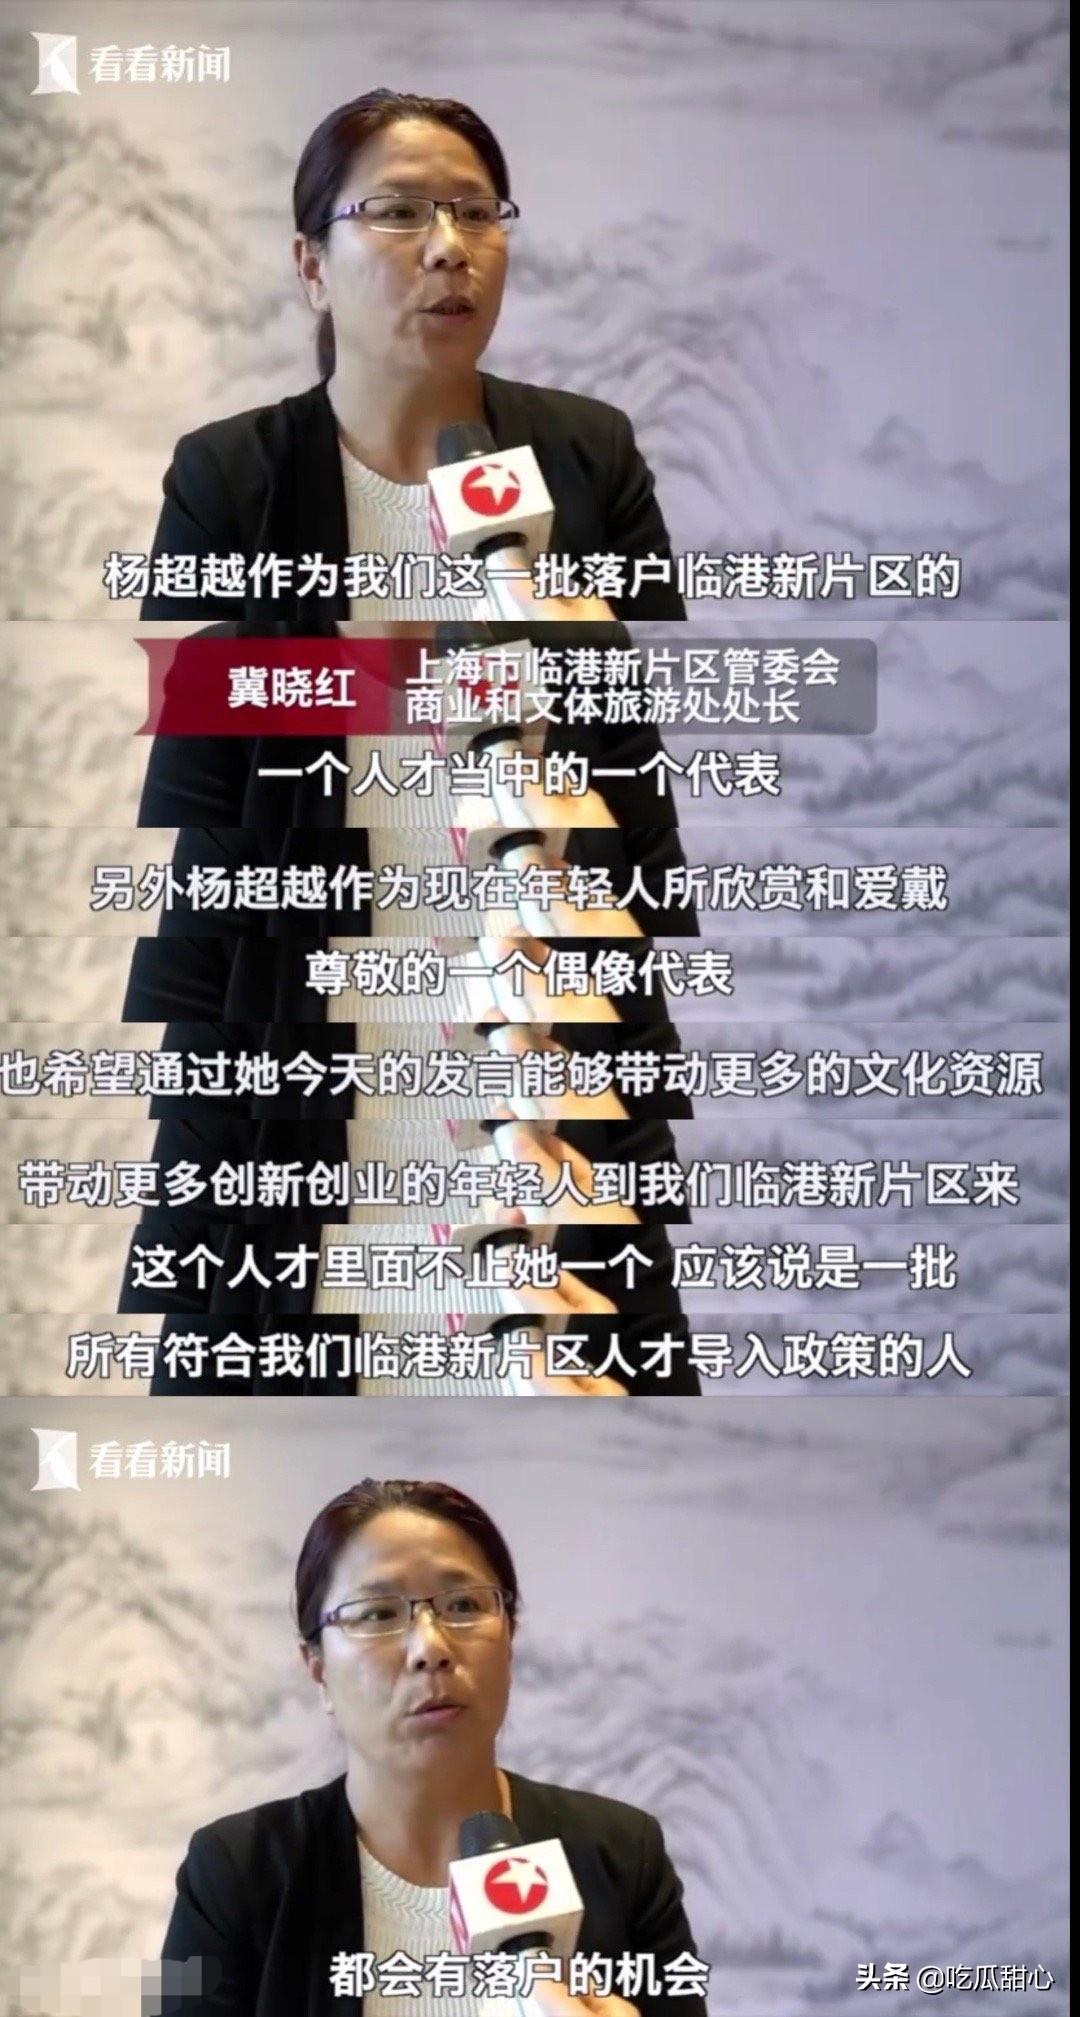 杨超越通过特殊人才引进落户上海引热议,本人出面回应质疑